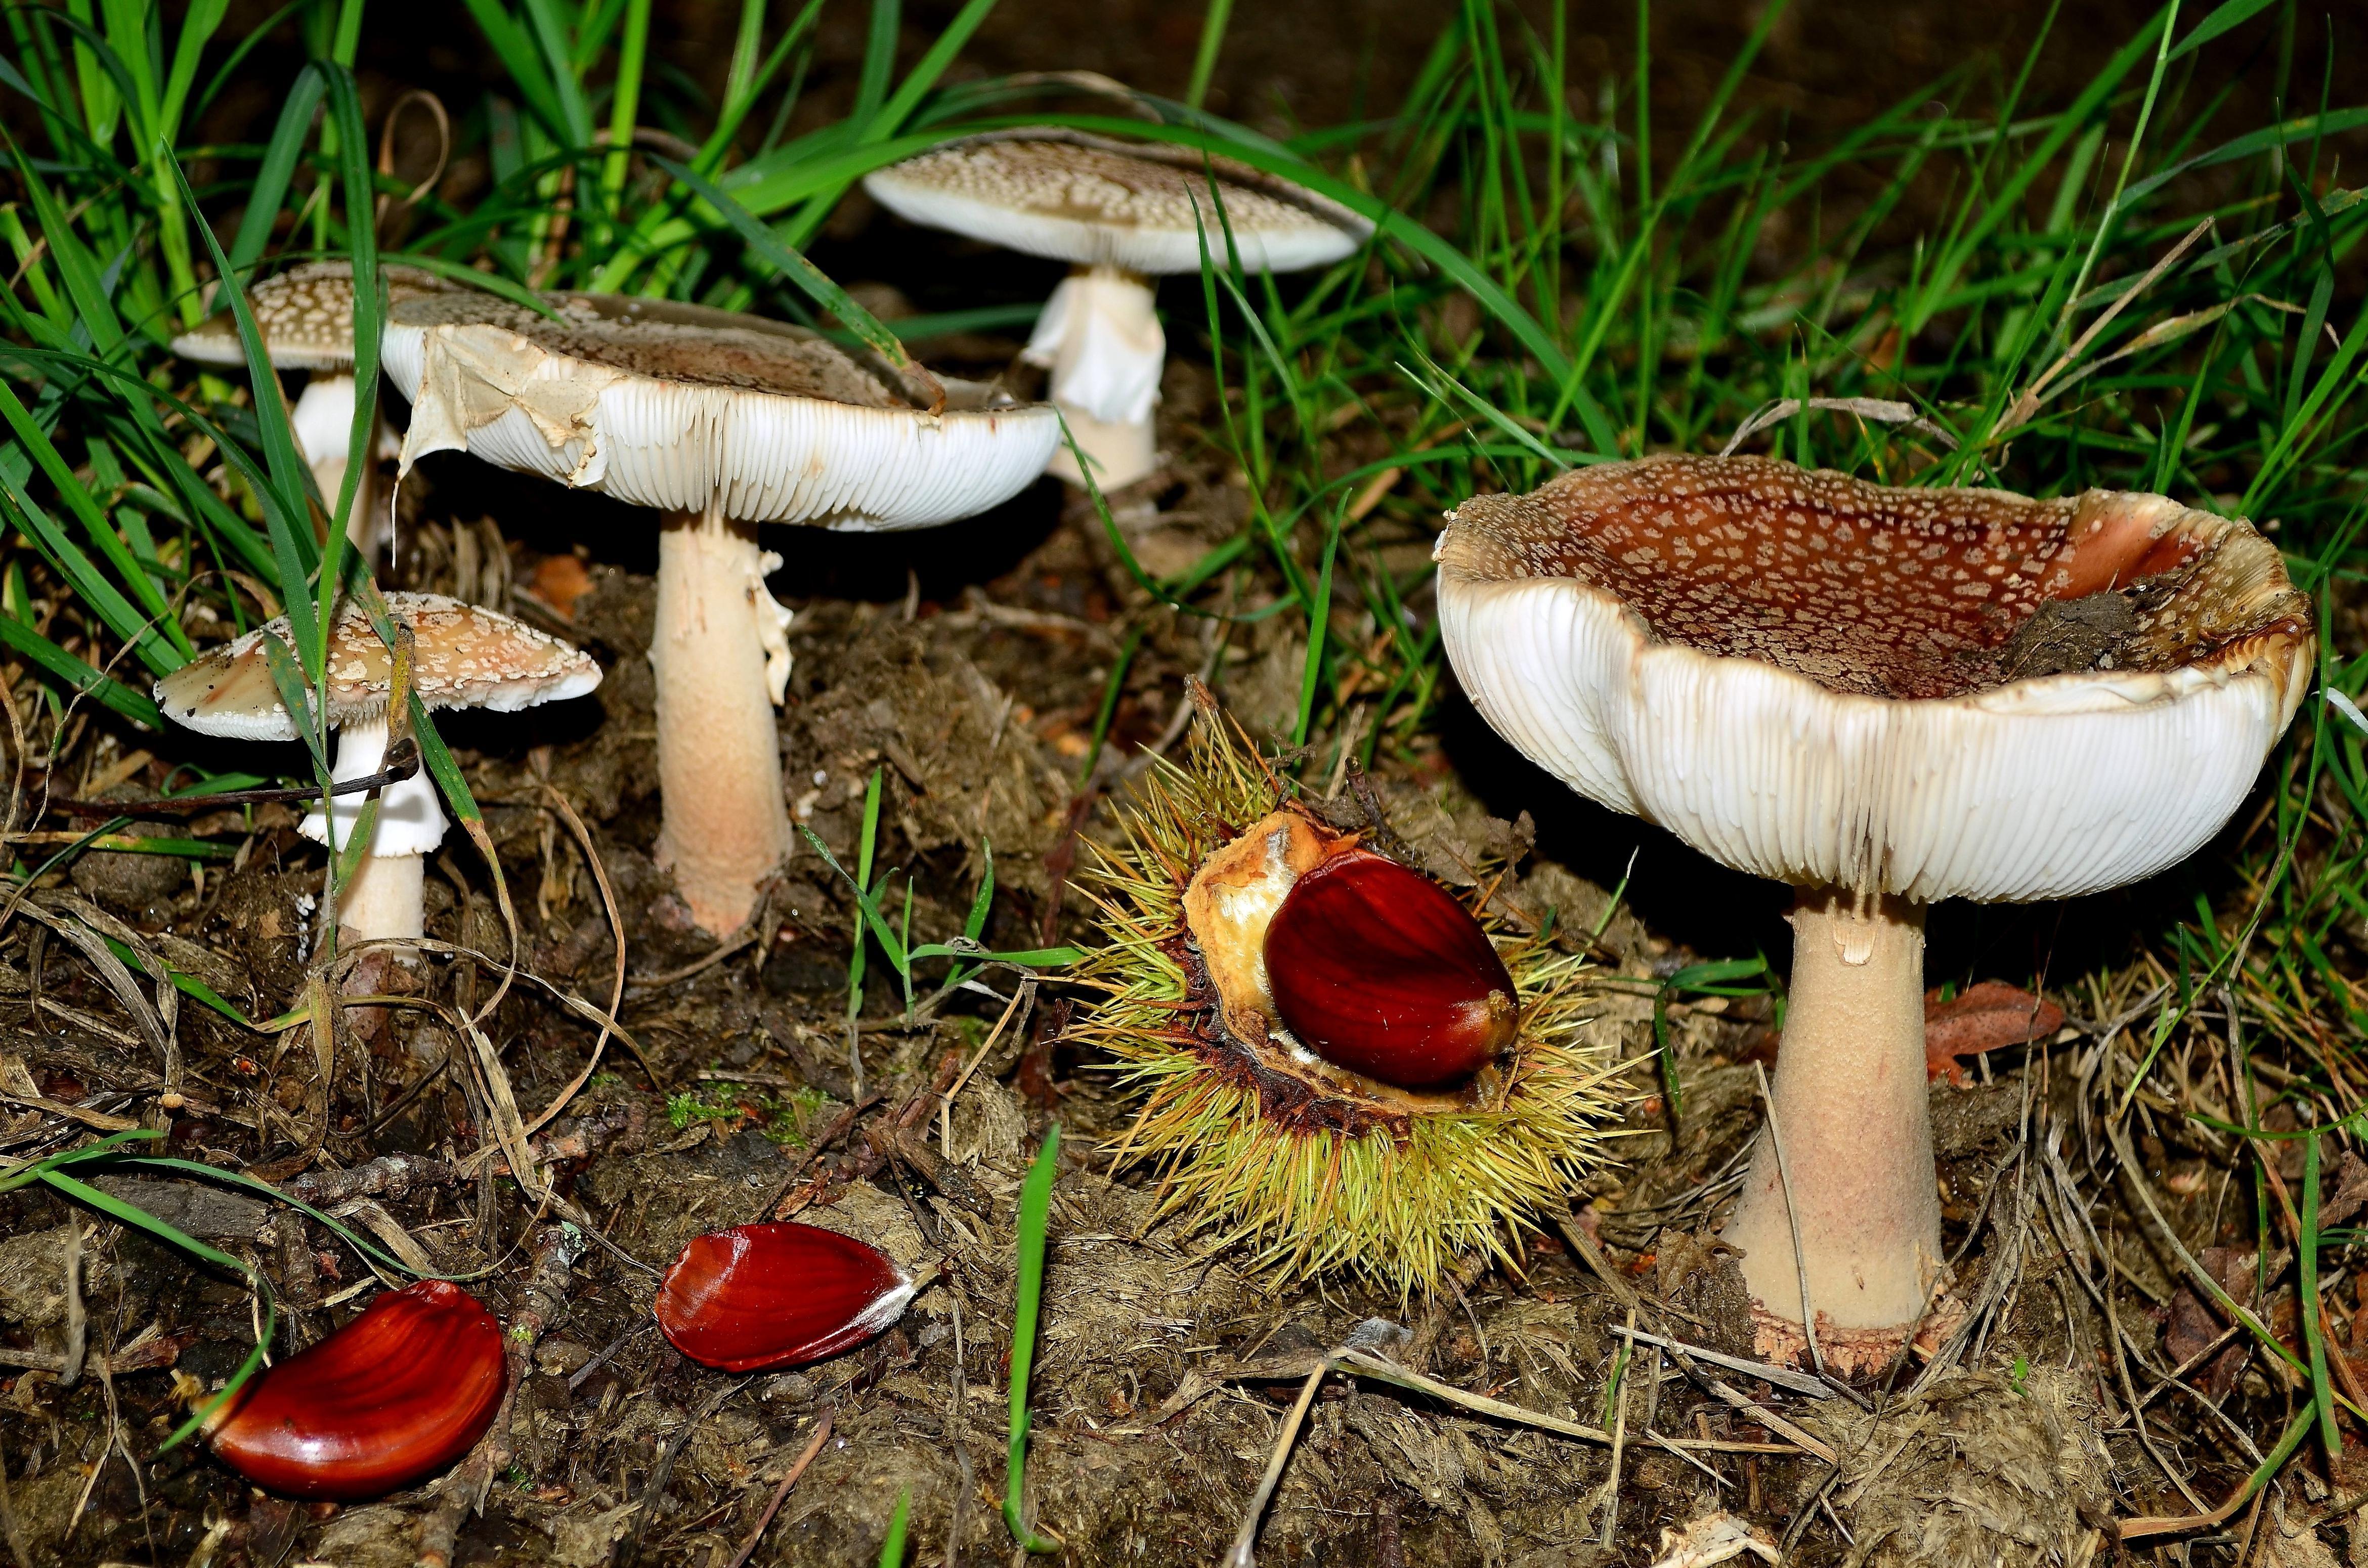 Imagen Gratis Hongo Hongo Naturaleza Semillas Veneno Macro  # Muebles No Toxicos